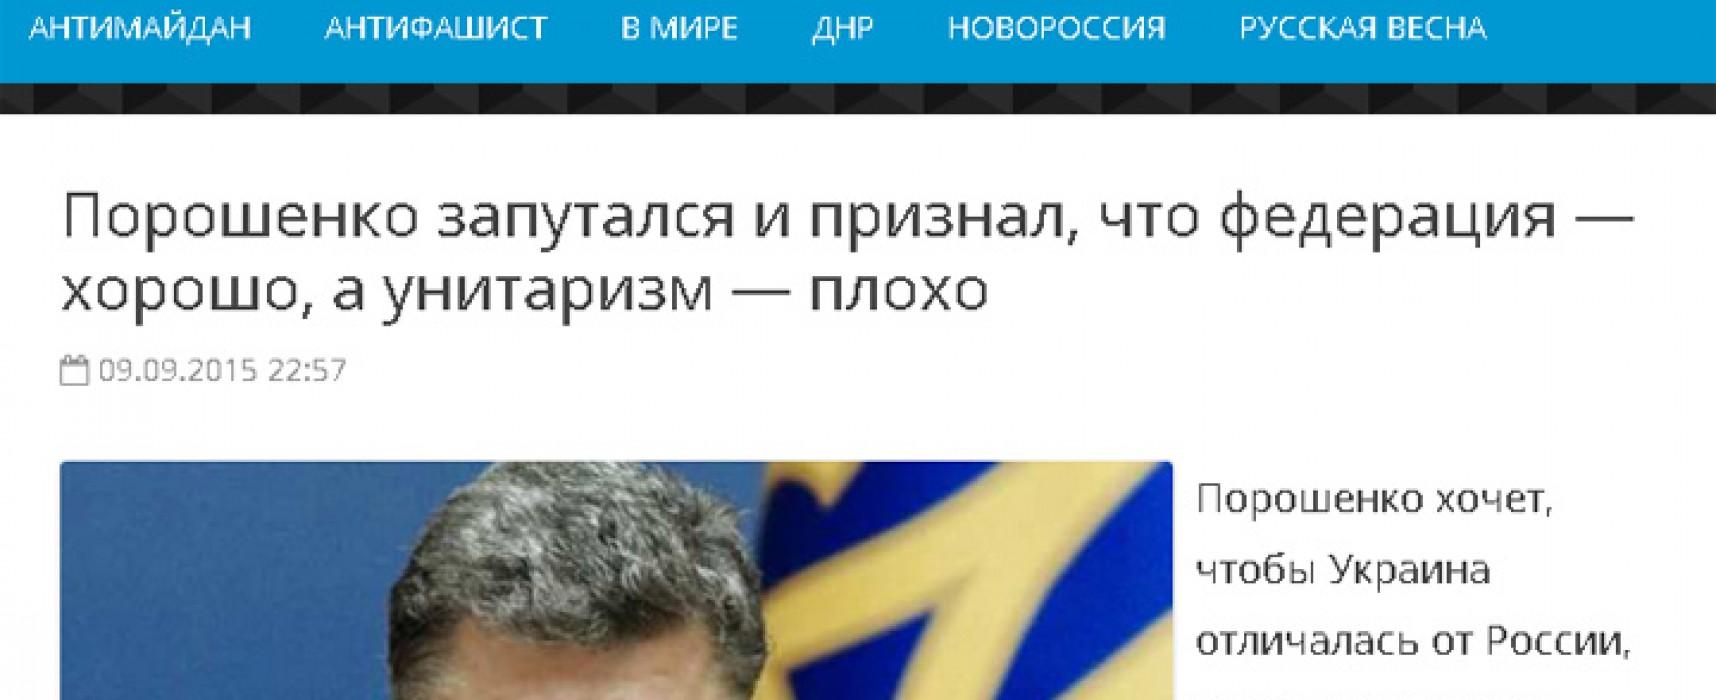 Falso: Poroshenko reconoció las ventajas de la federación sobre el estado unitario